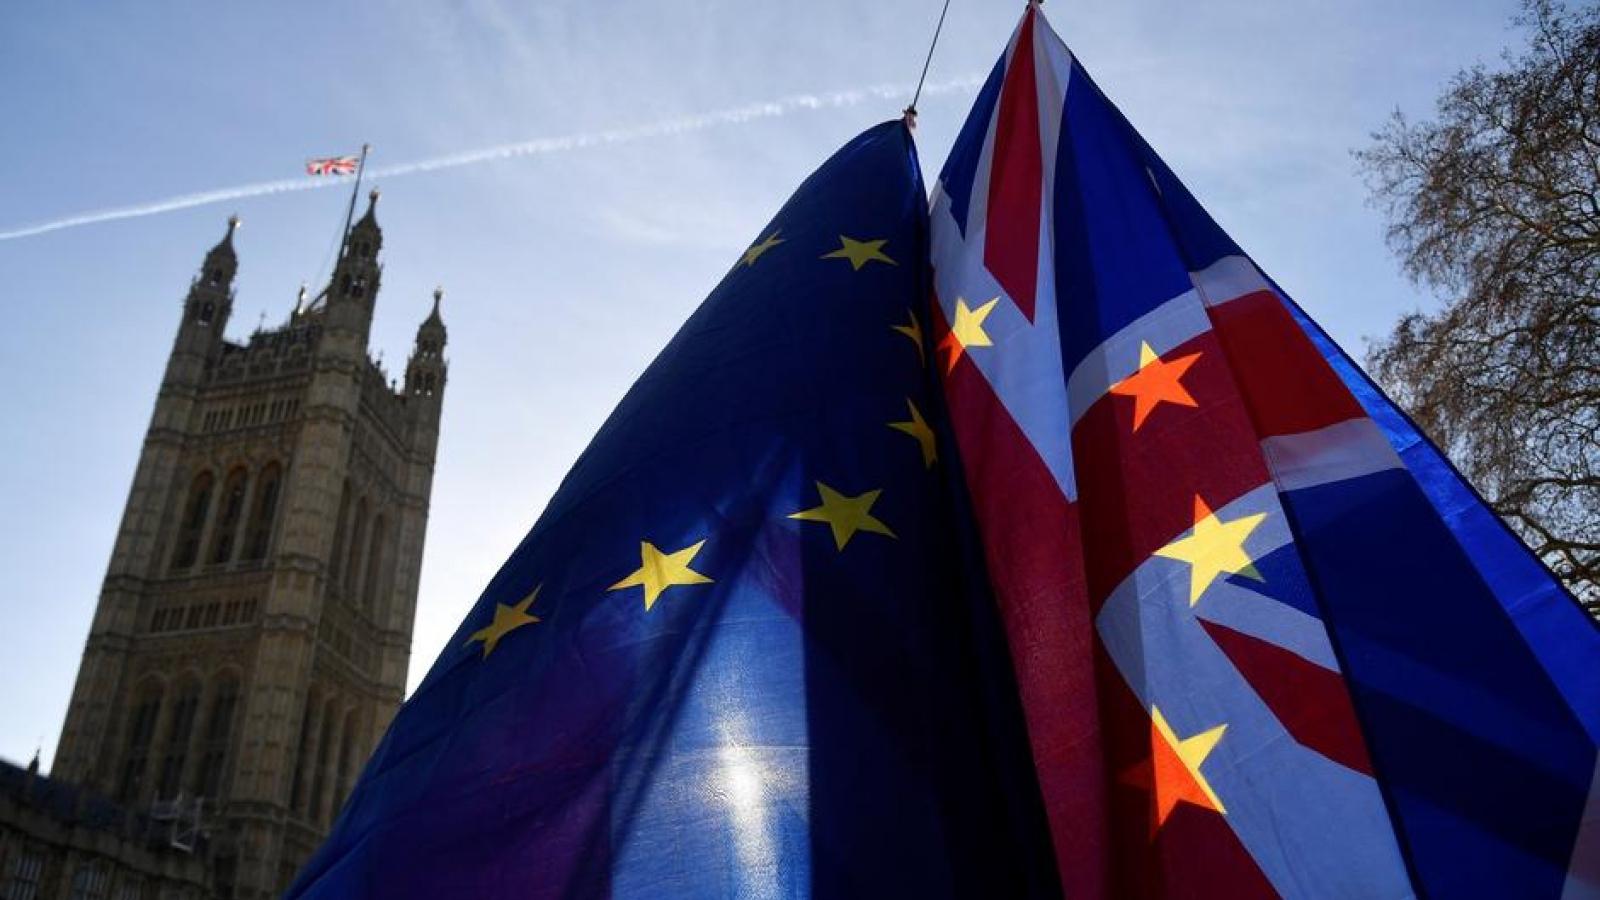 Anh và EU một lần nữa bỏ qua hạn chót đàm phán Brexit